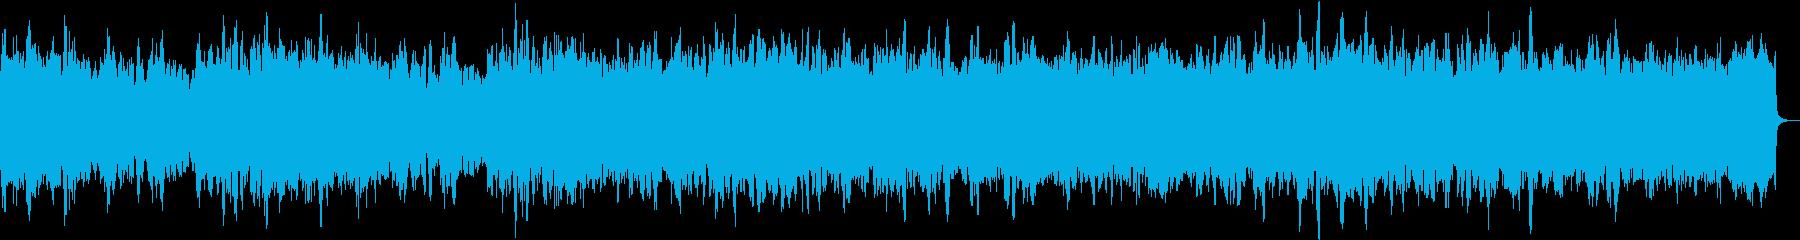 G線上のアリア パイプオルガン演奏の再生済みの波形